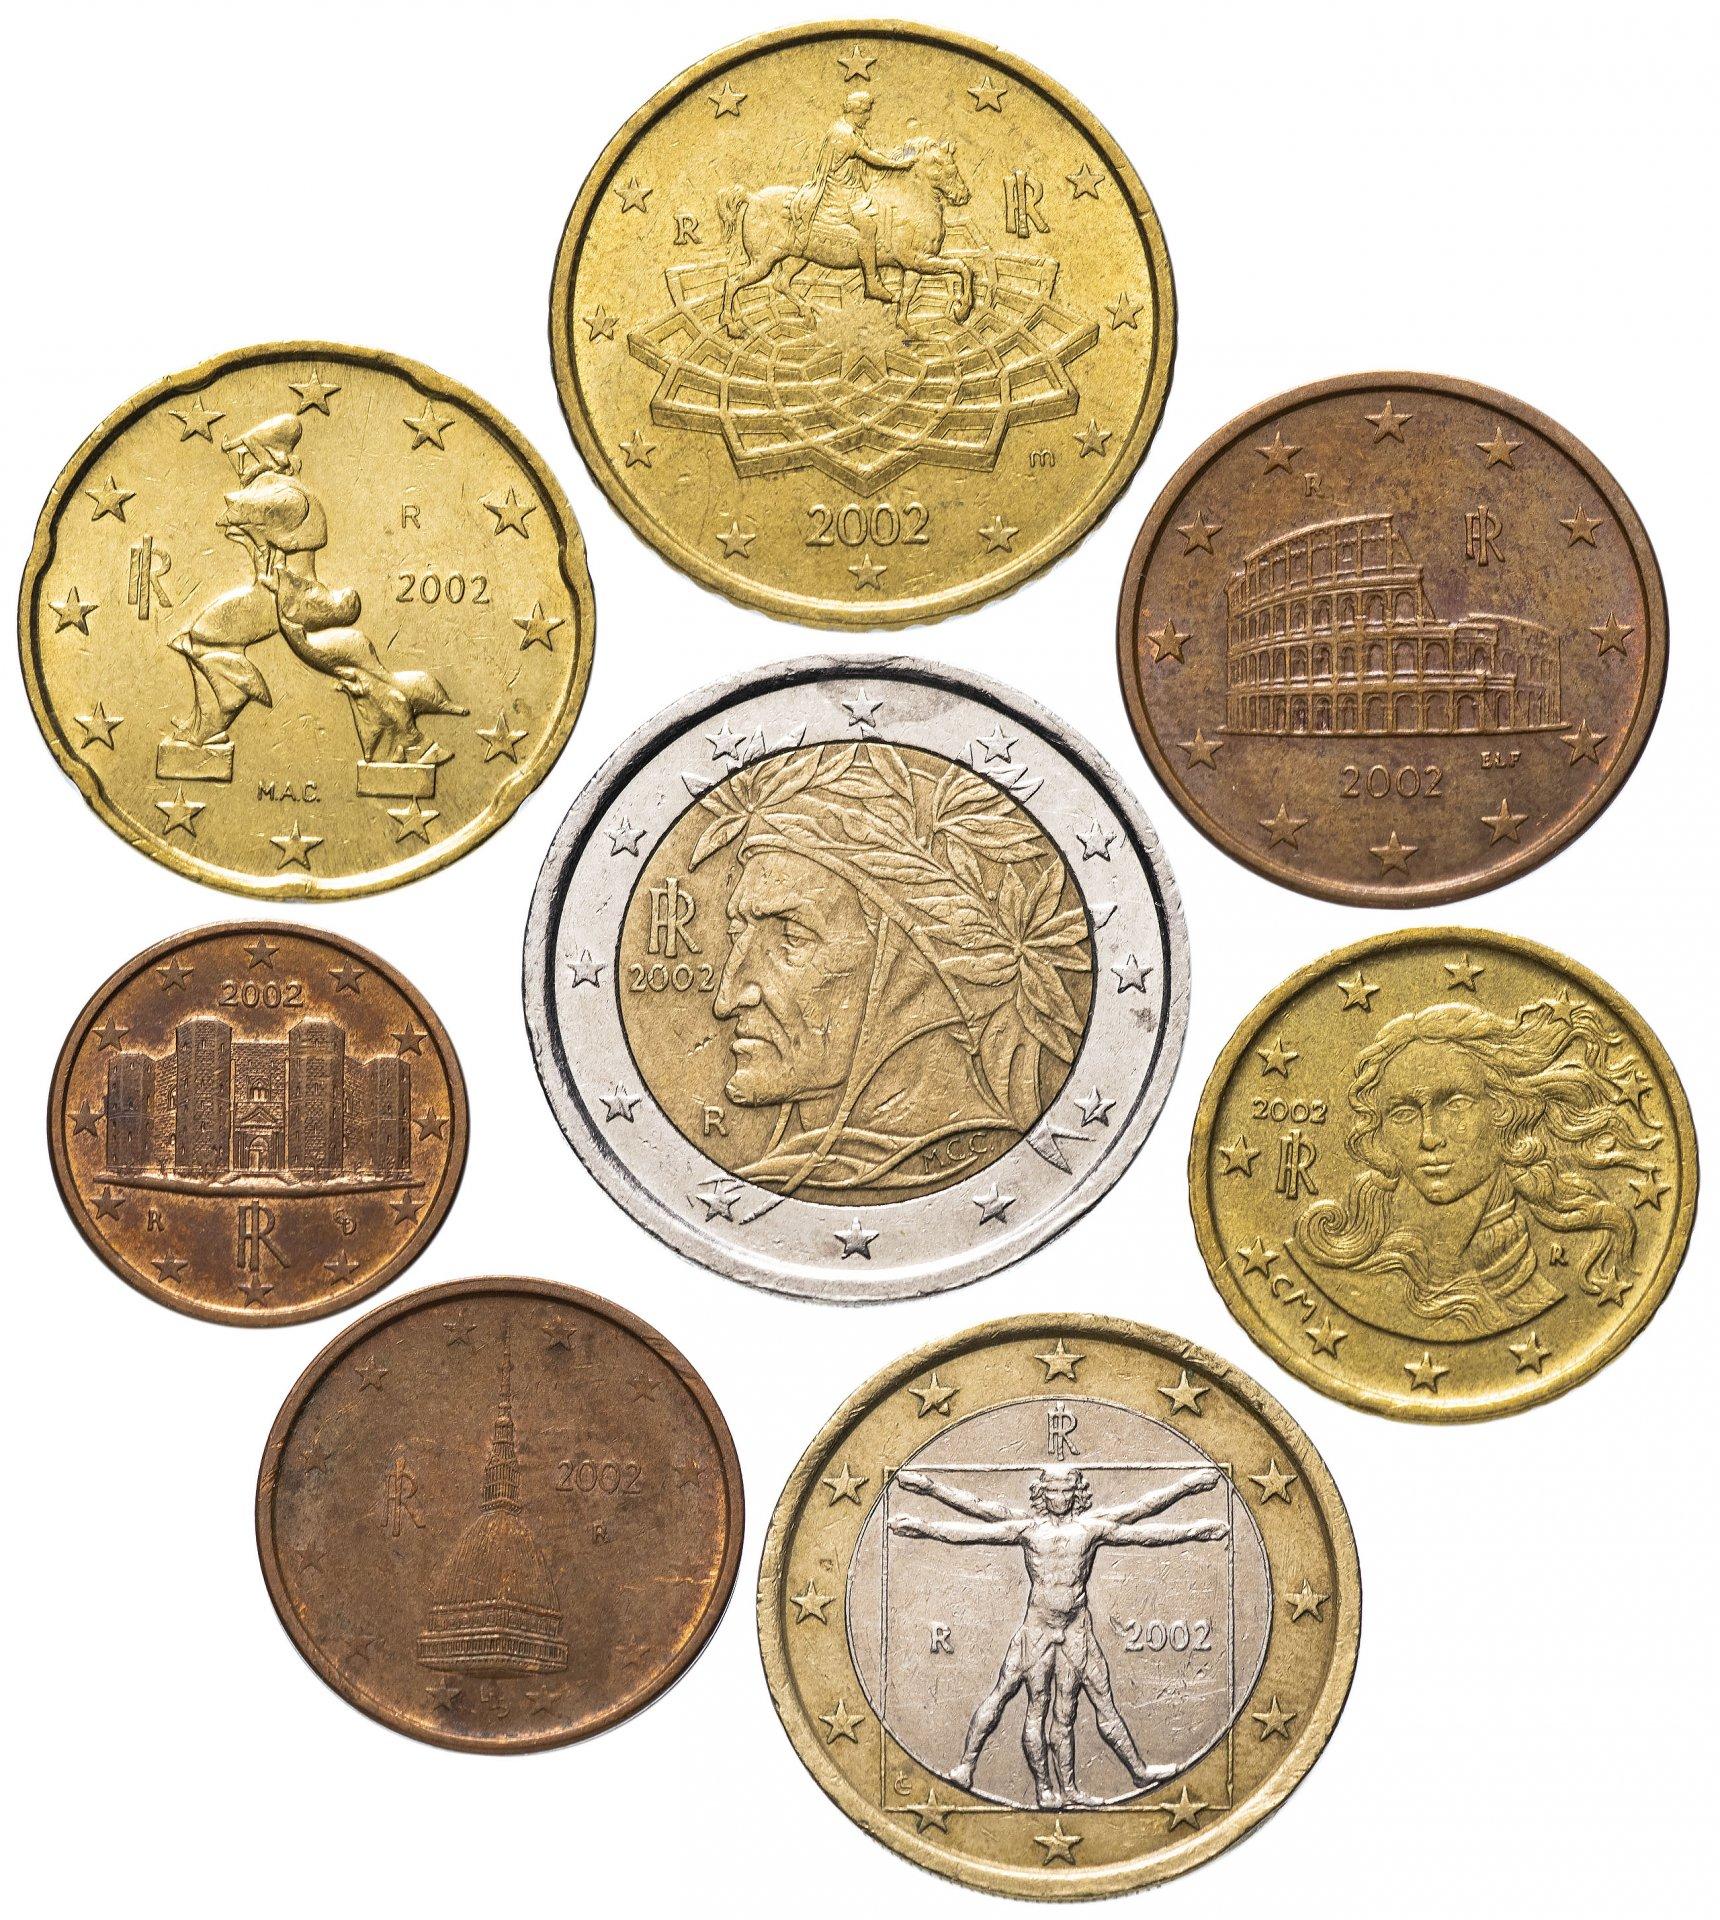 монеты других стран ценные в картинках архив отсканировав